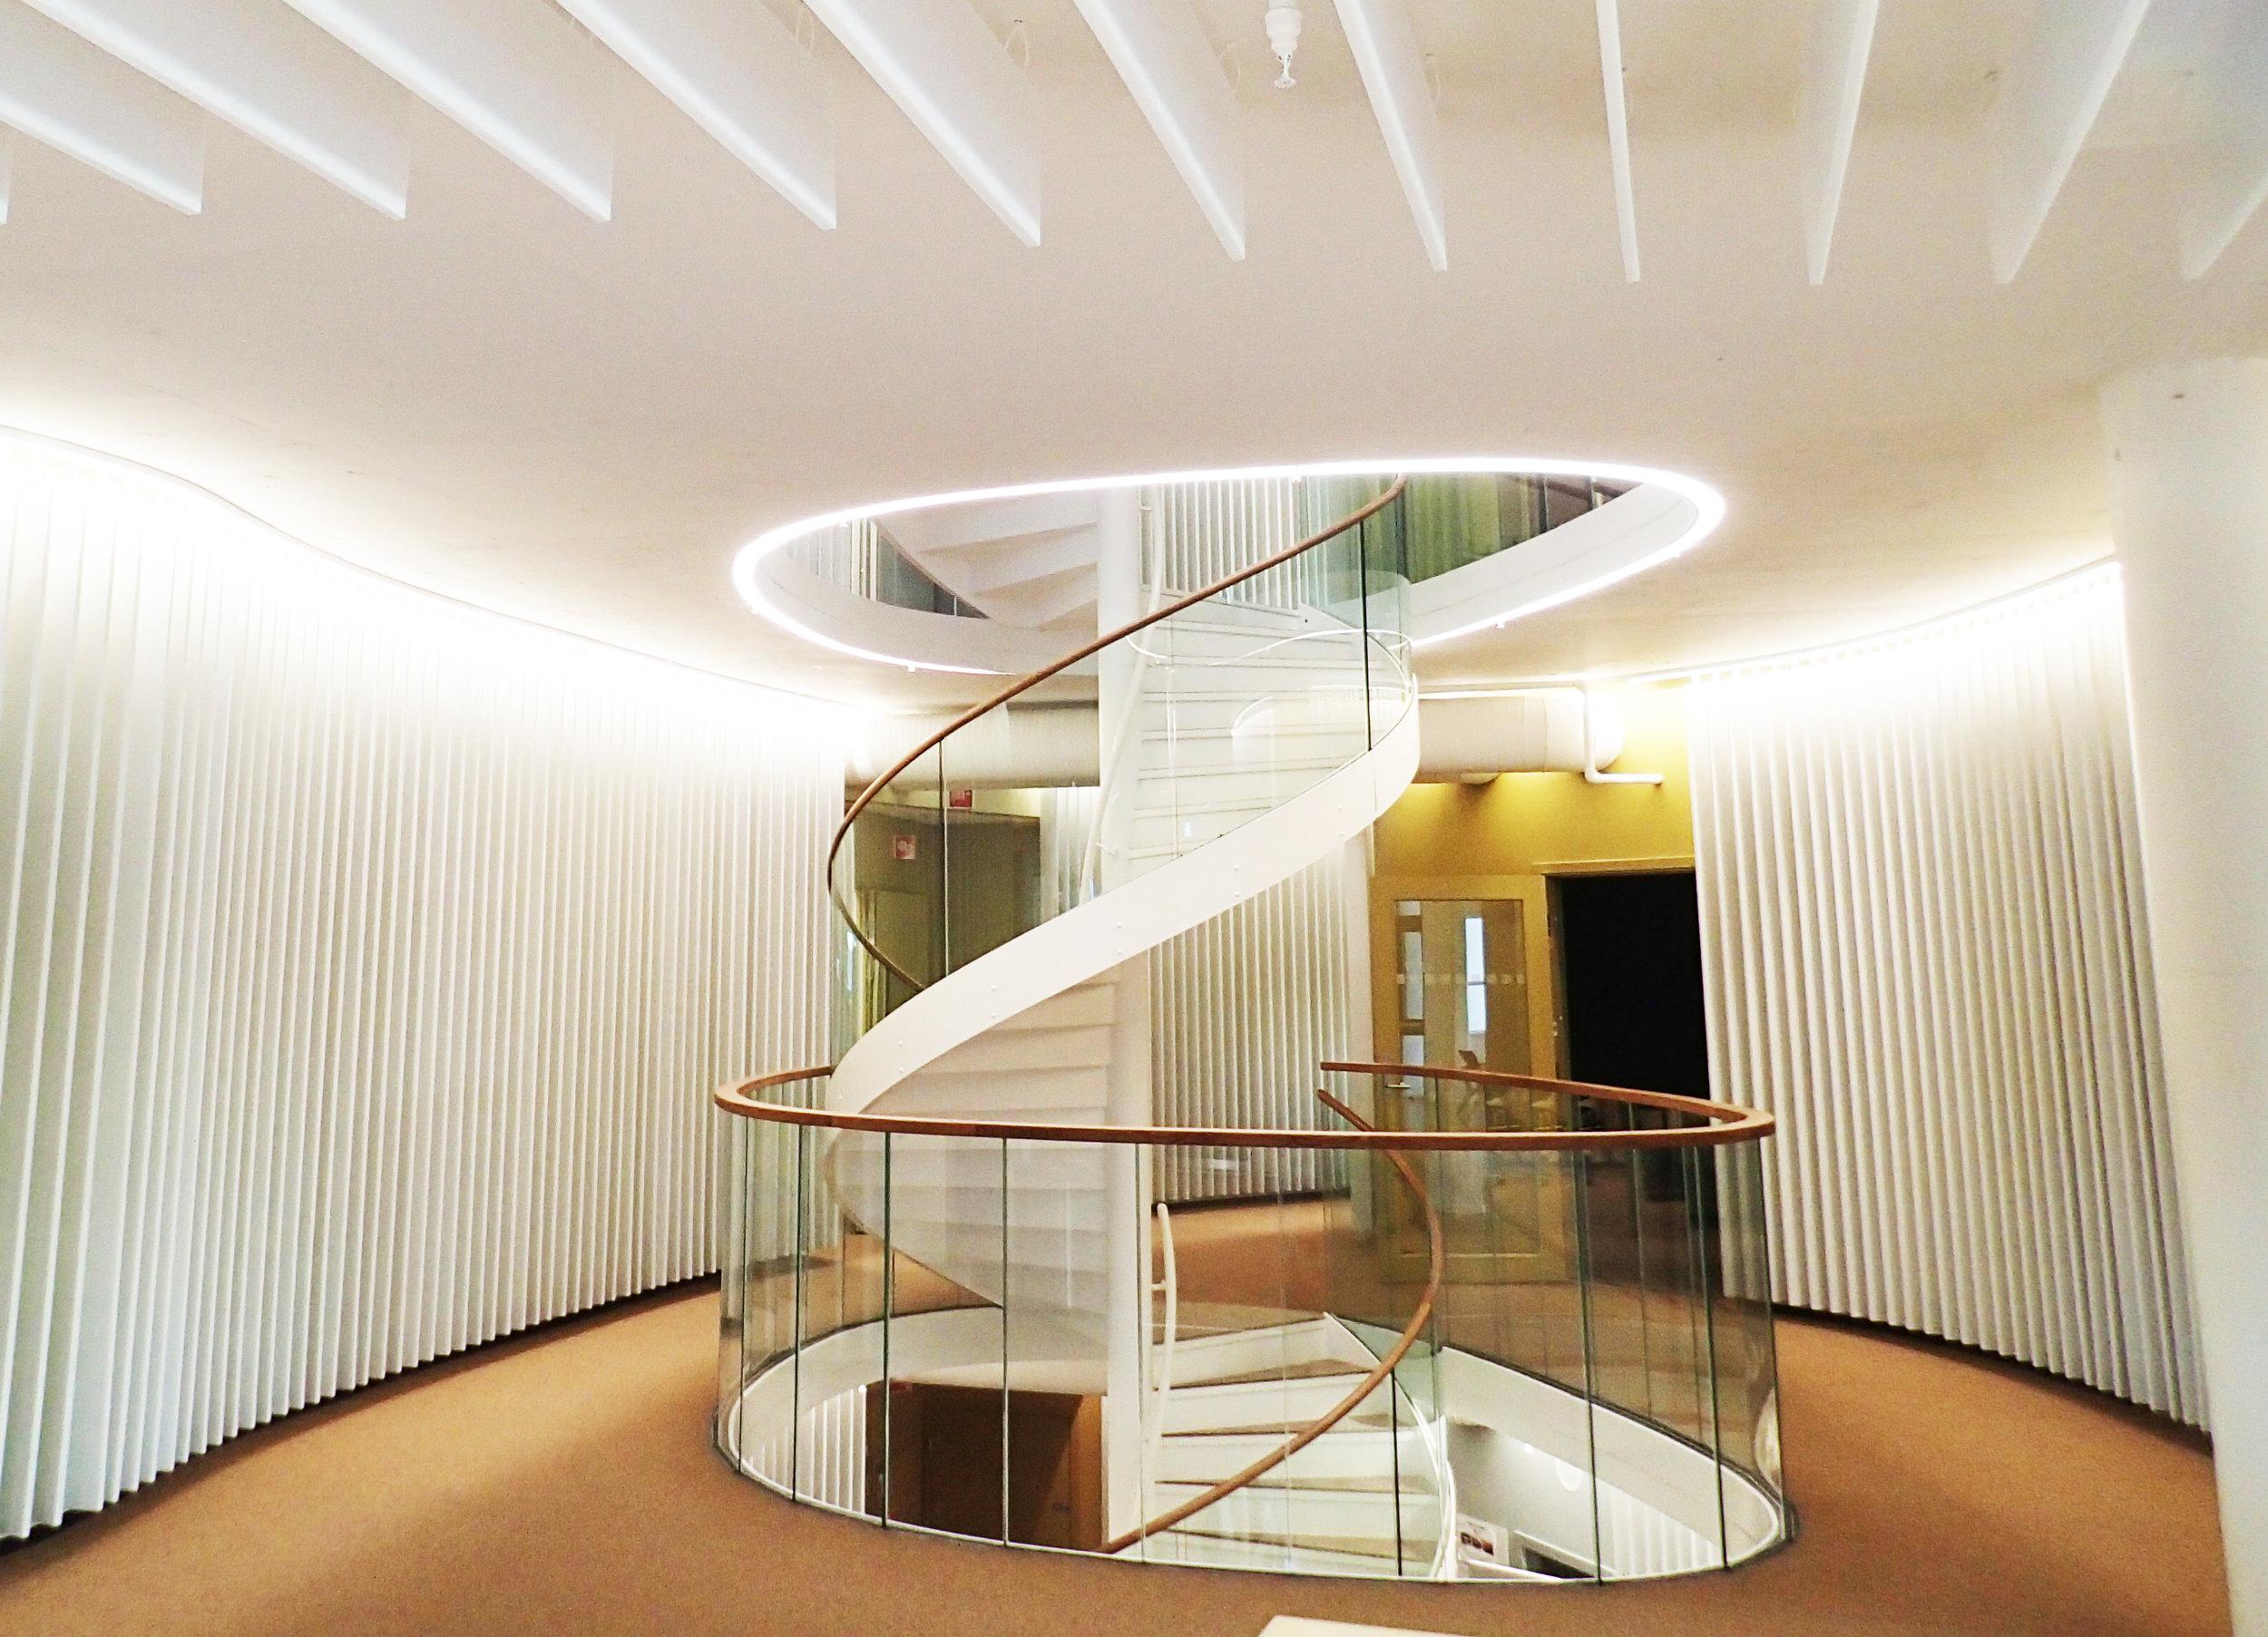 Spiraltrappa strekker seg over 4 etasjer og fungerer som avtrekkssjakt for ventilasjonsluft.